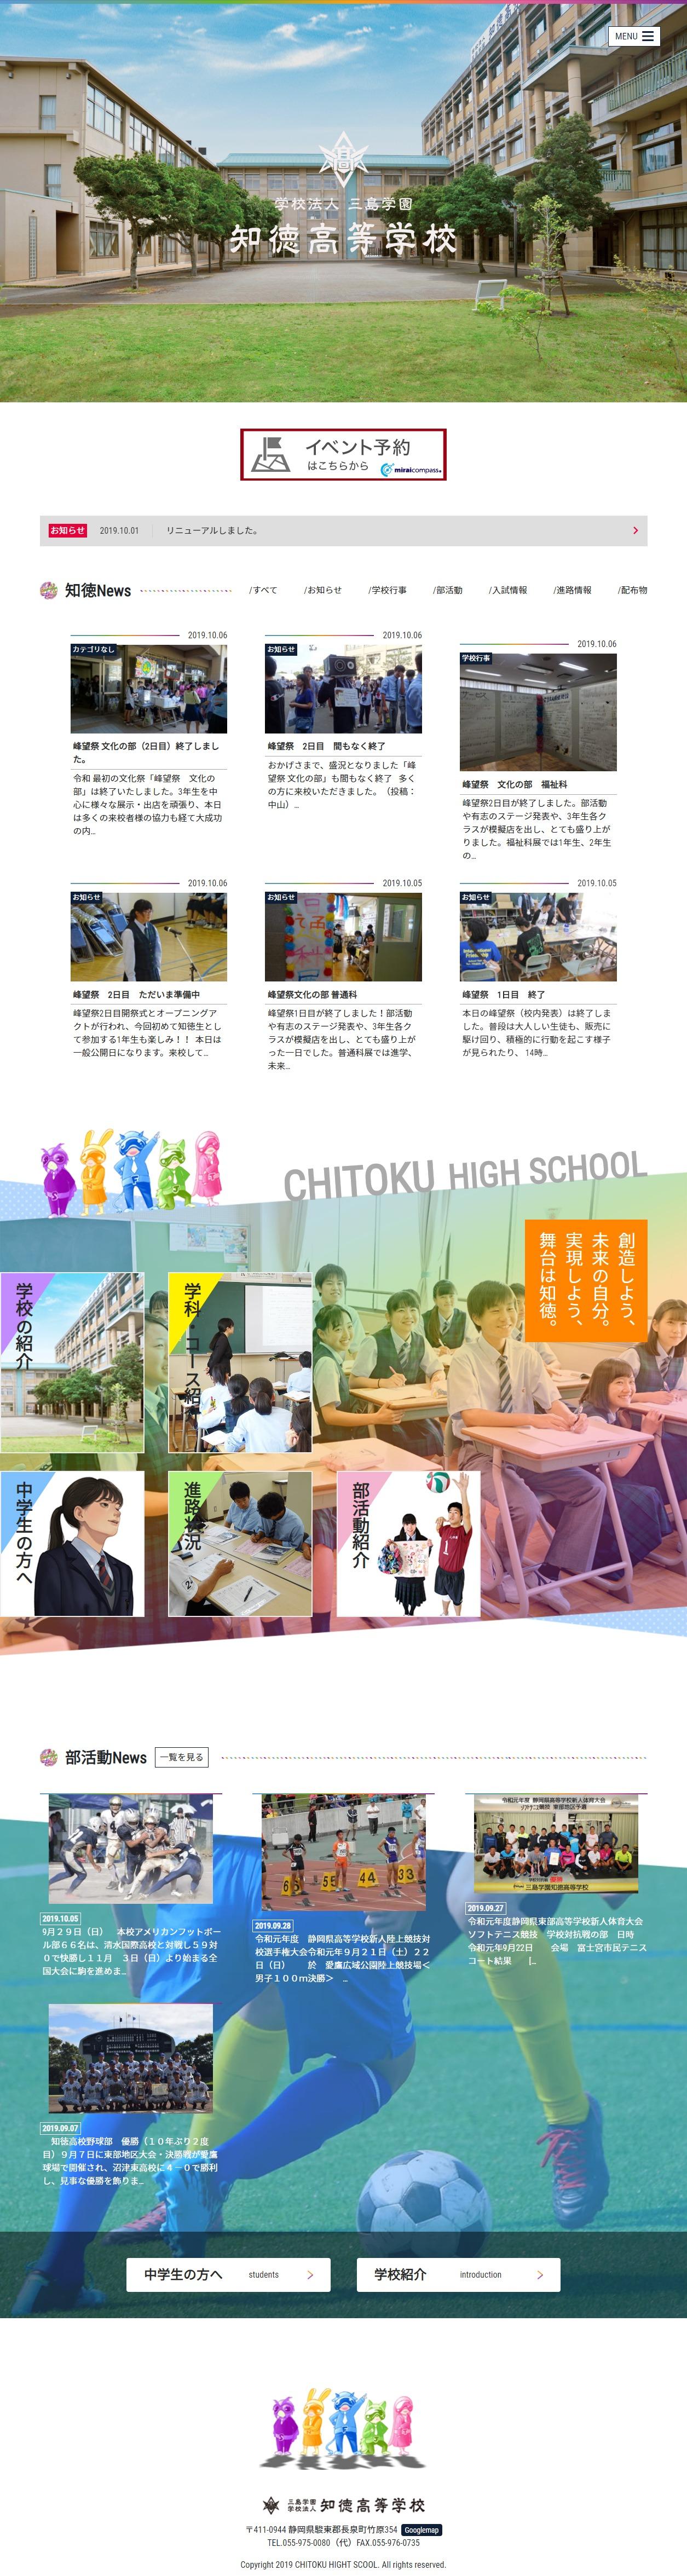 三島知徳高等学校